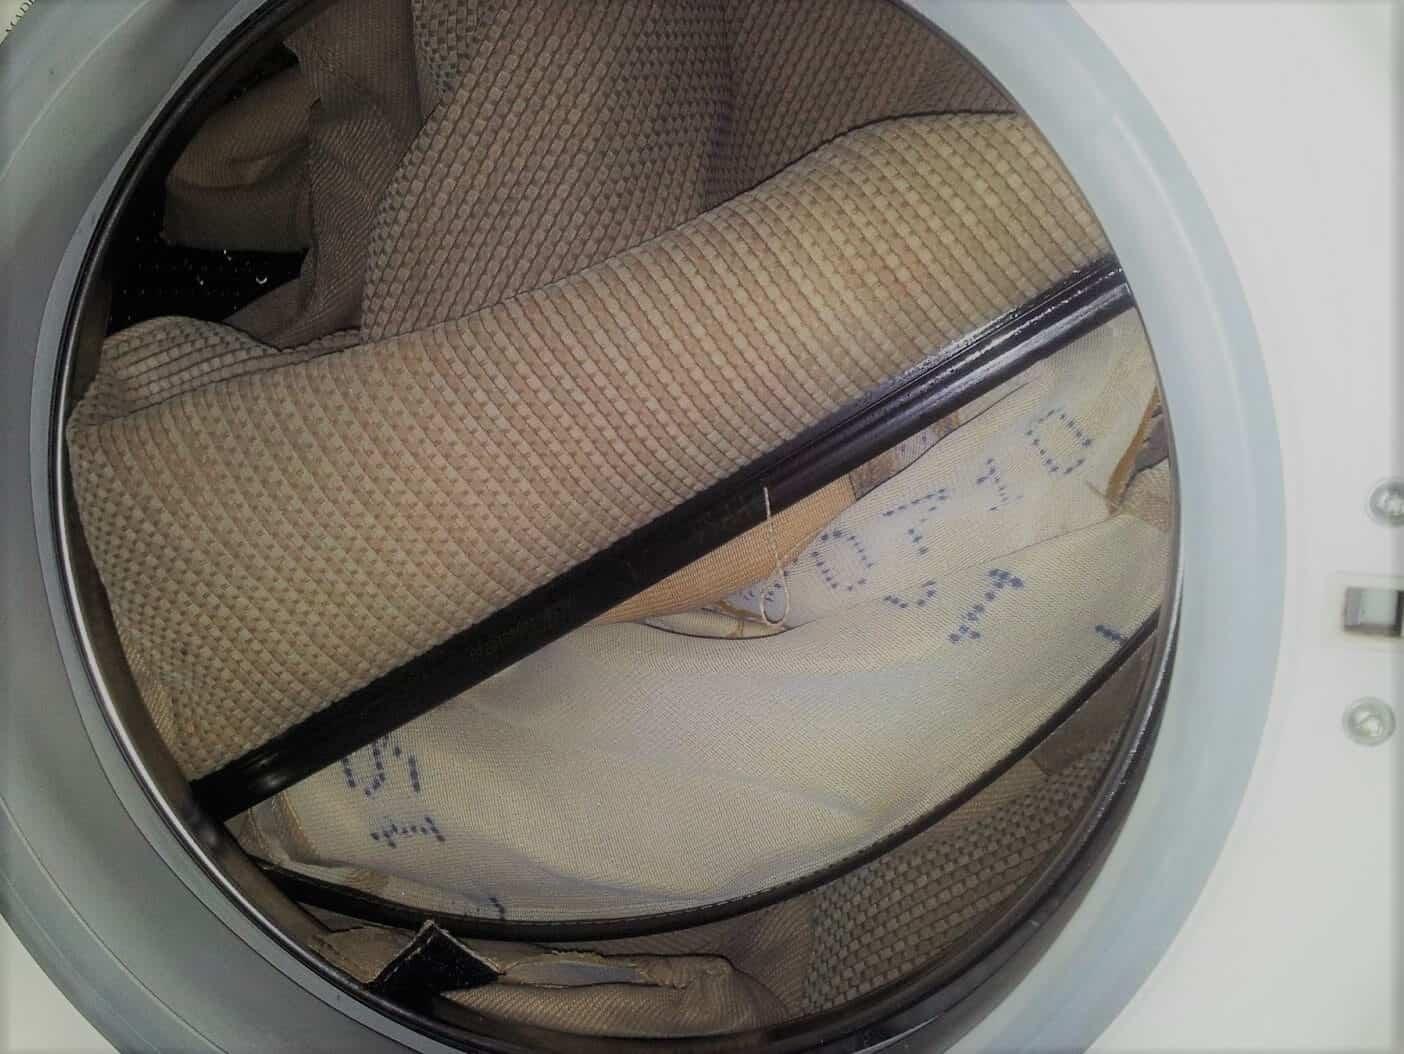 Limpieza de tapizados c mo hacerla de forma sencilla con for Jabon neutro para limpiar muebles